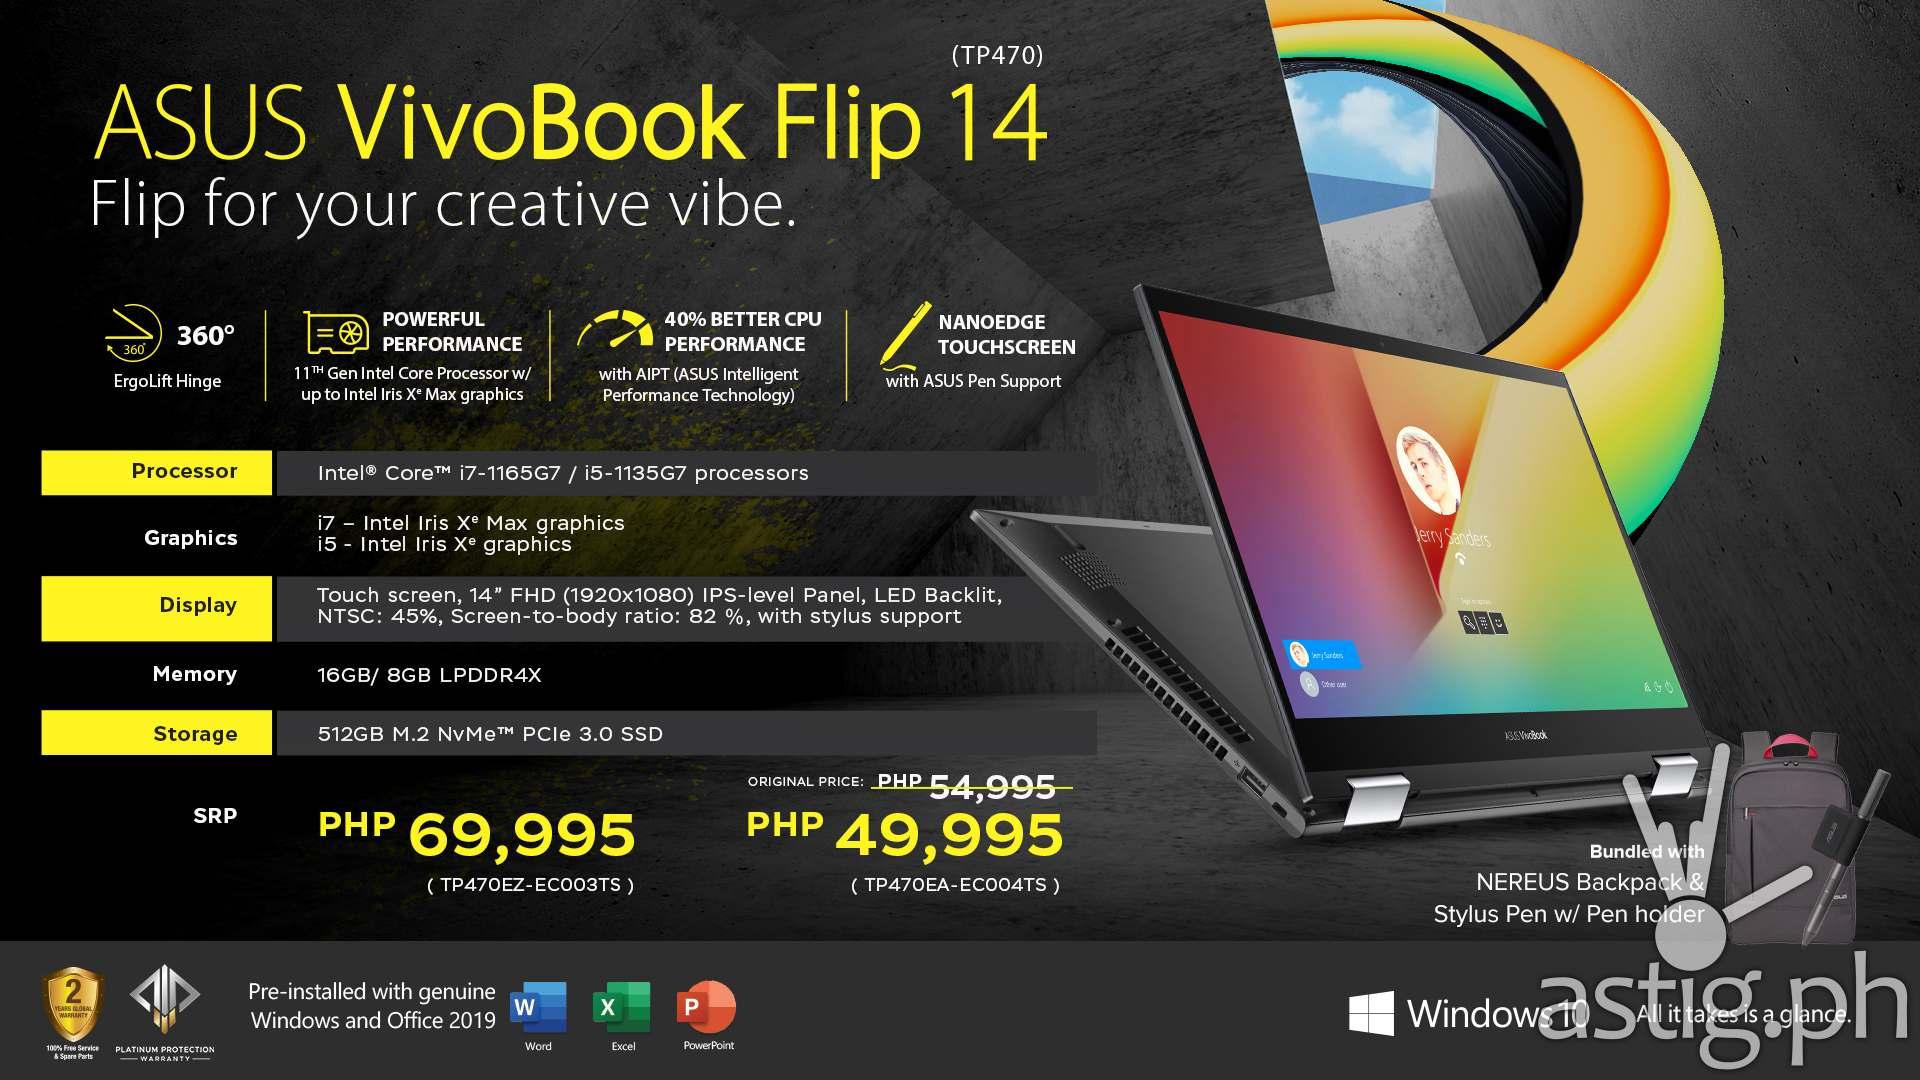 ASUS VivoBook Flip 14 TP470 Summary